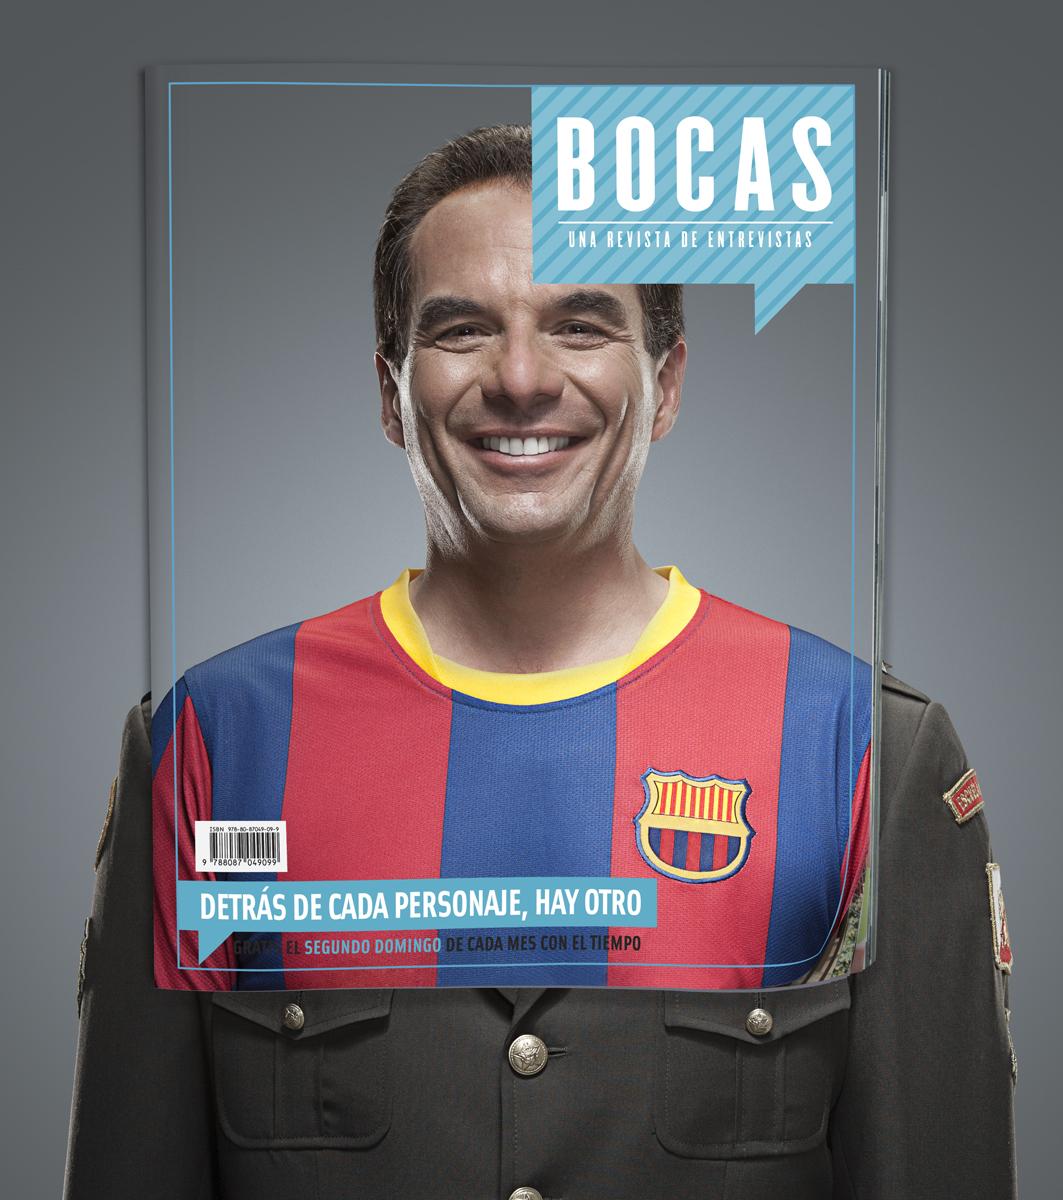 bocas_sr_futbol.jpg